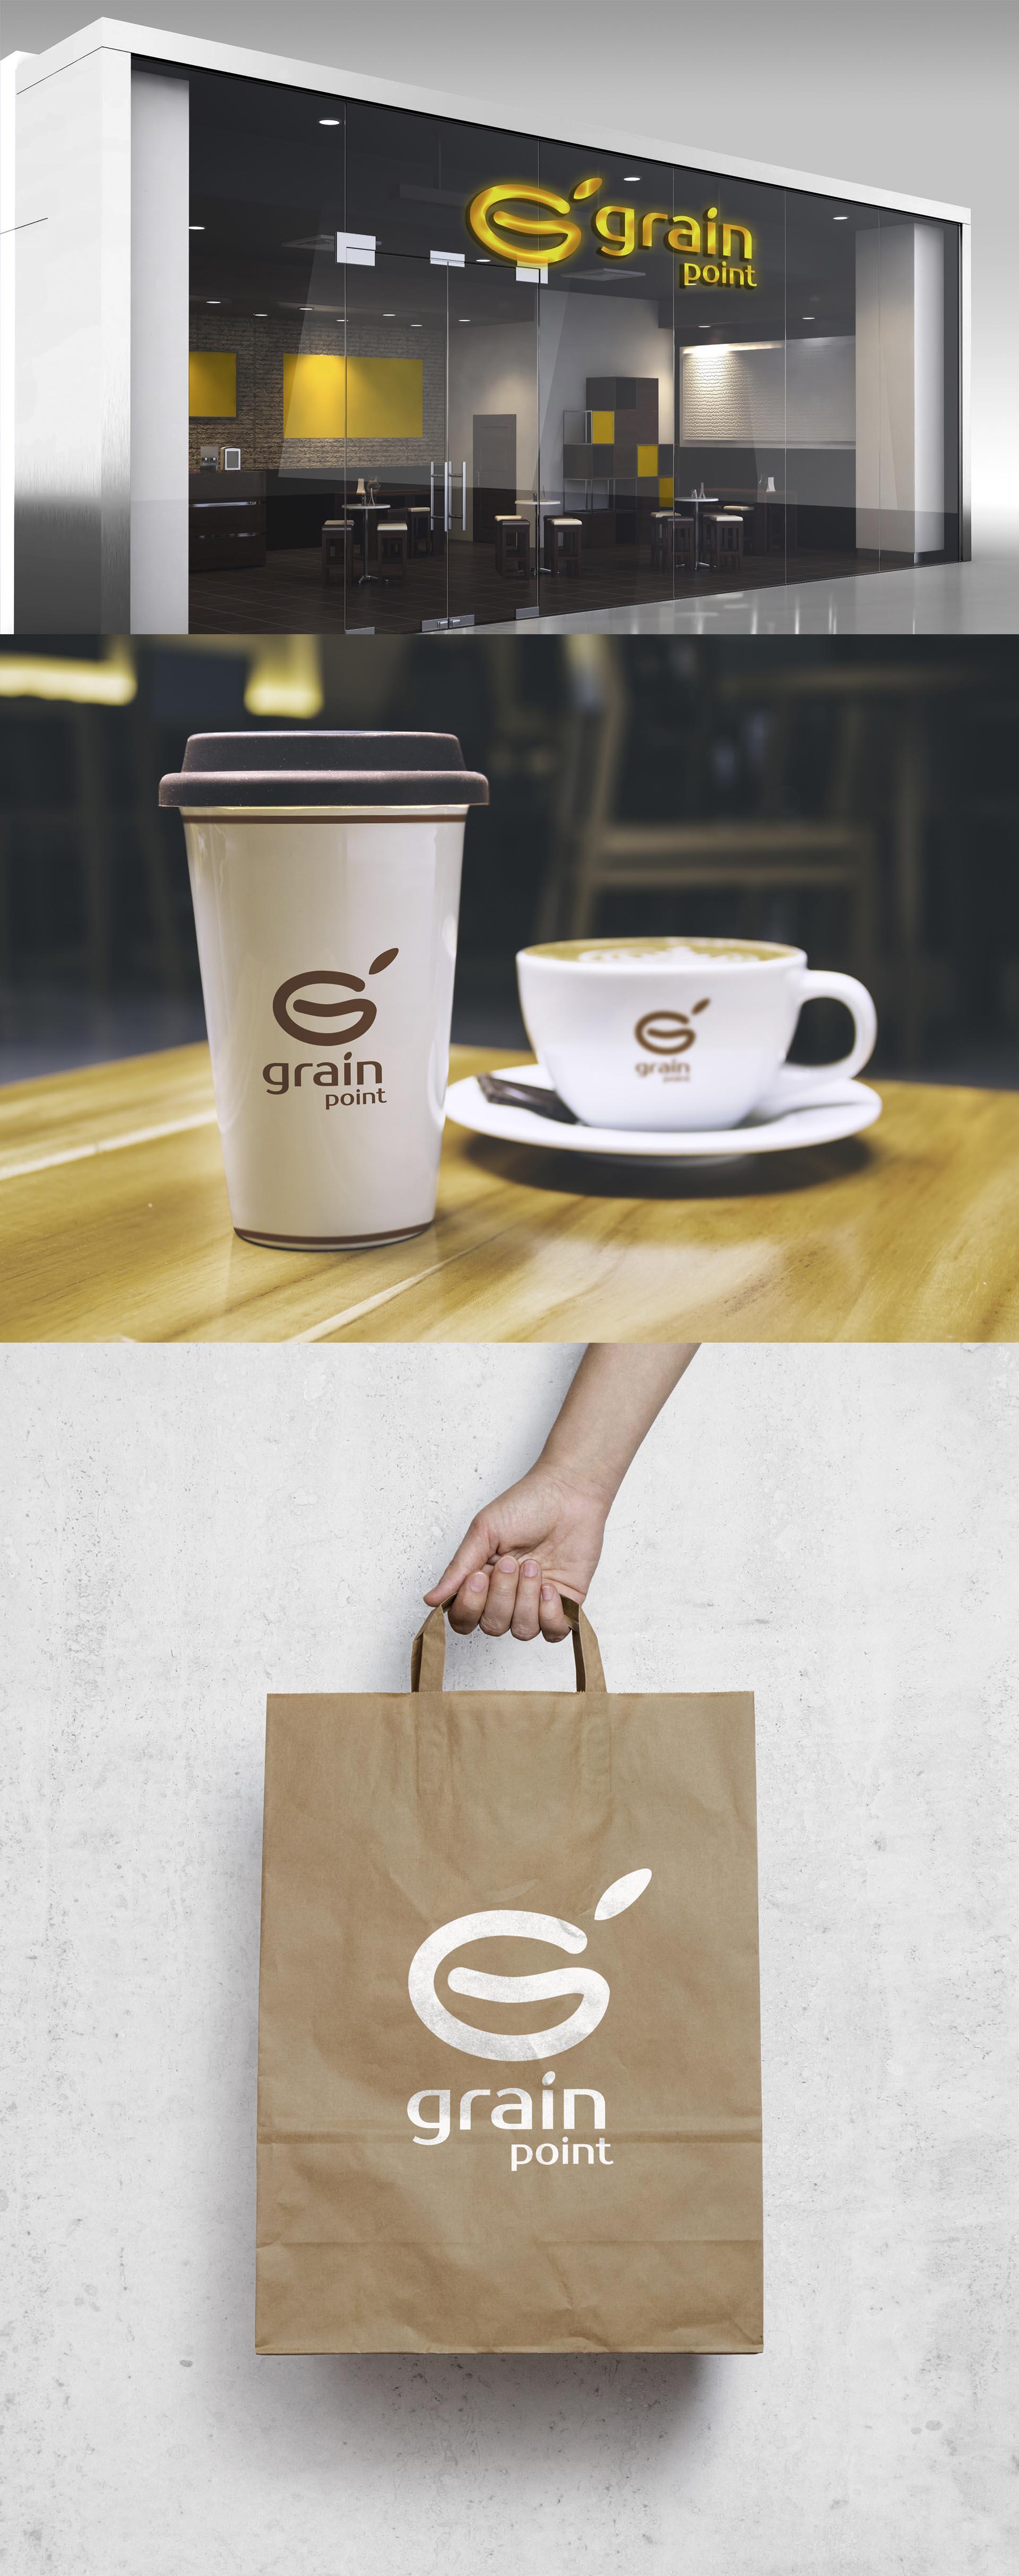 Название, цвета, логотип и дизайн оформления для сети кофеен фото f_3495b9aacf160da1.jpg